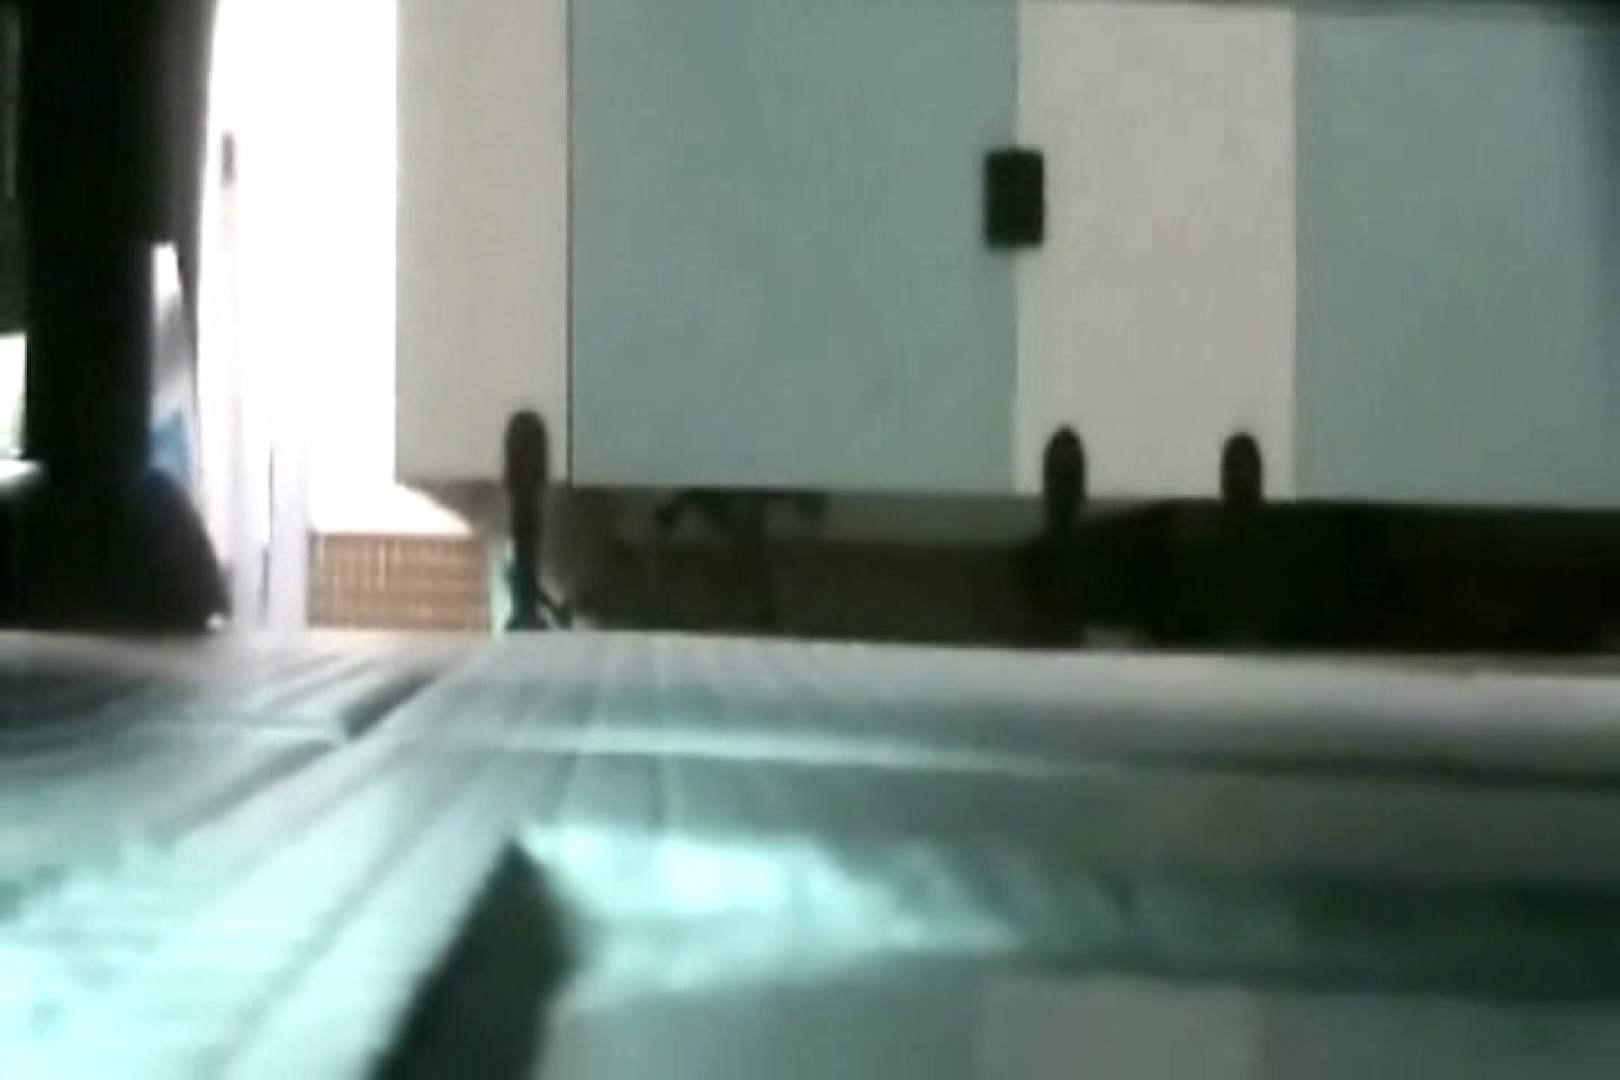 ぼっとん洗面所スペシャルVol.9 OLエロ画像 覗きおまんこ画像 62PICs 2